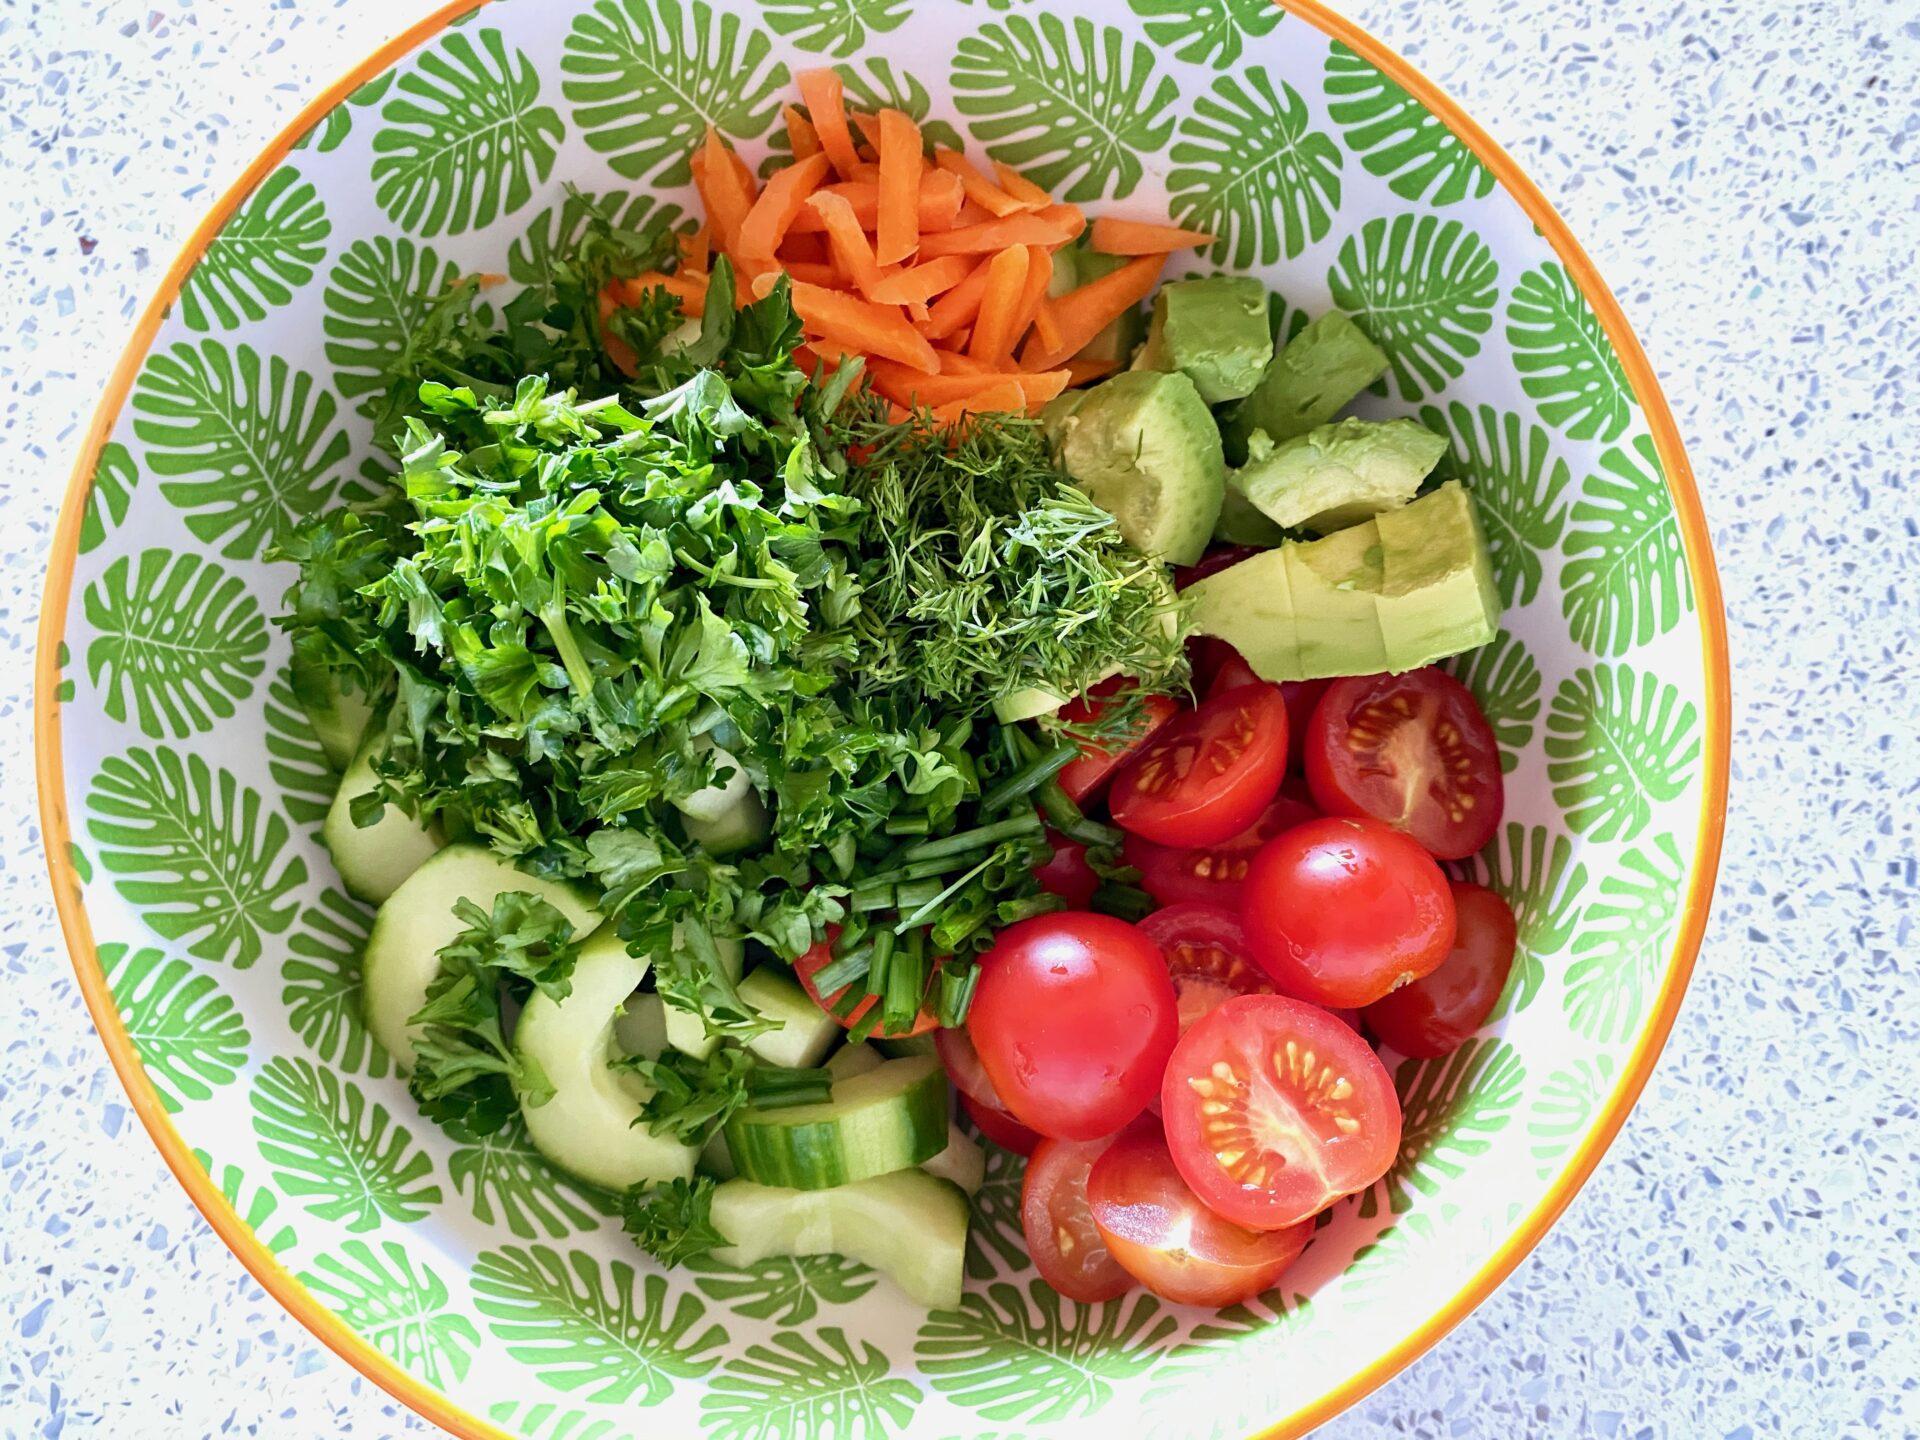 イタリアンサラダの野菜